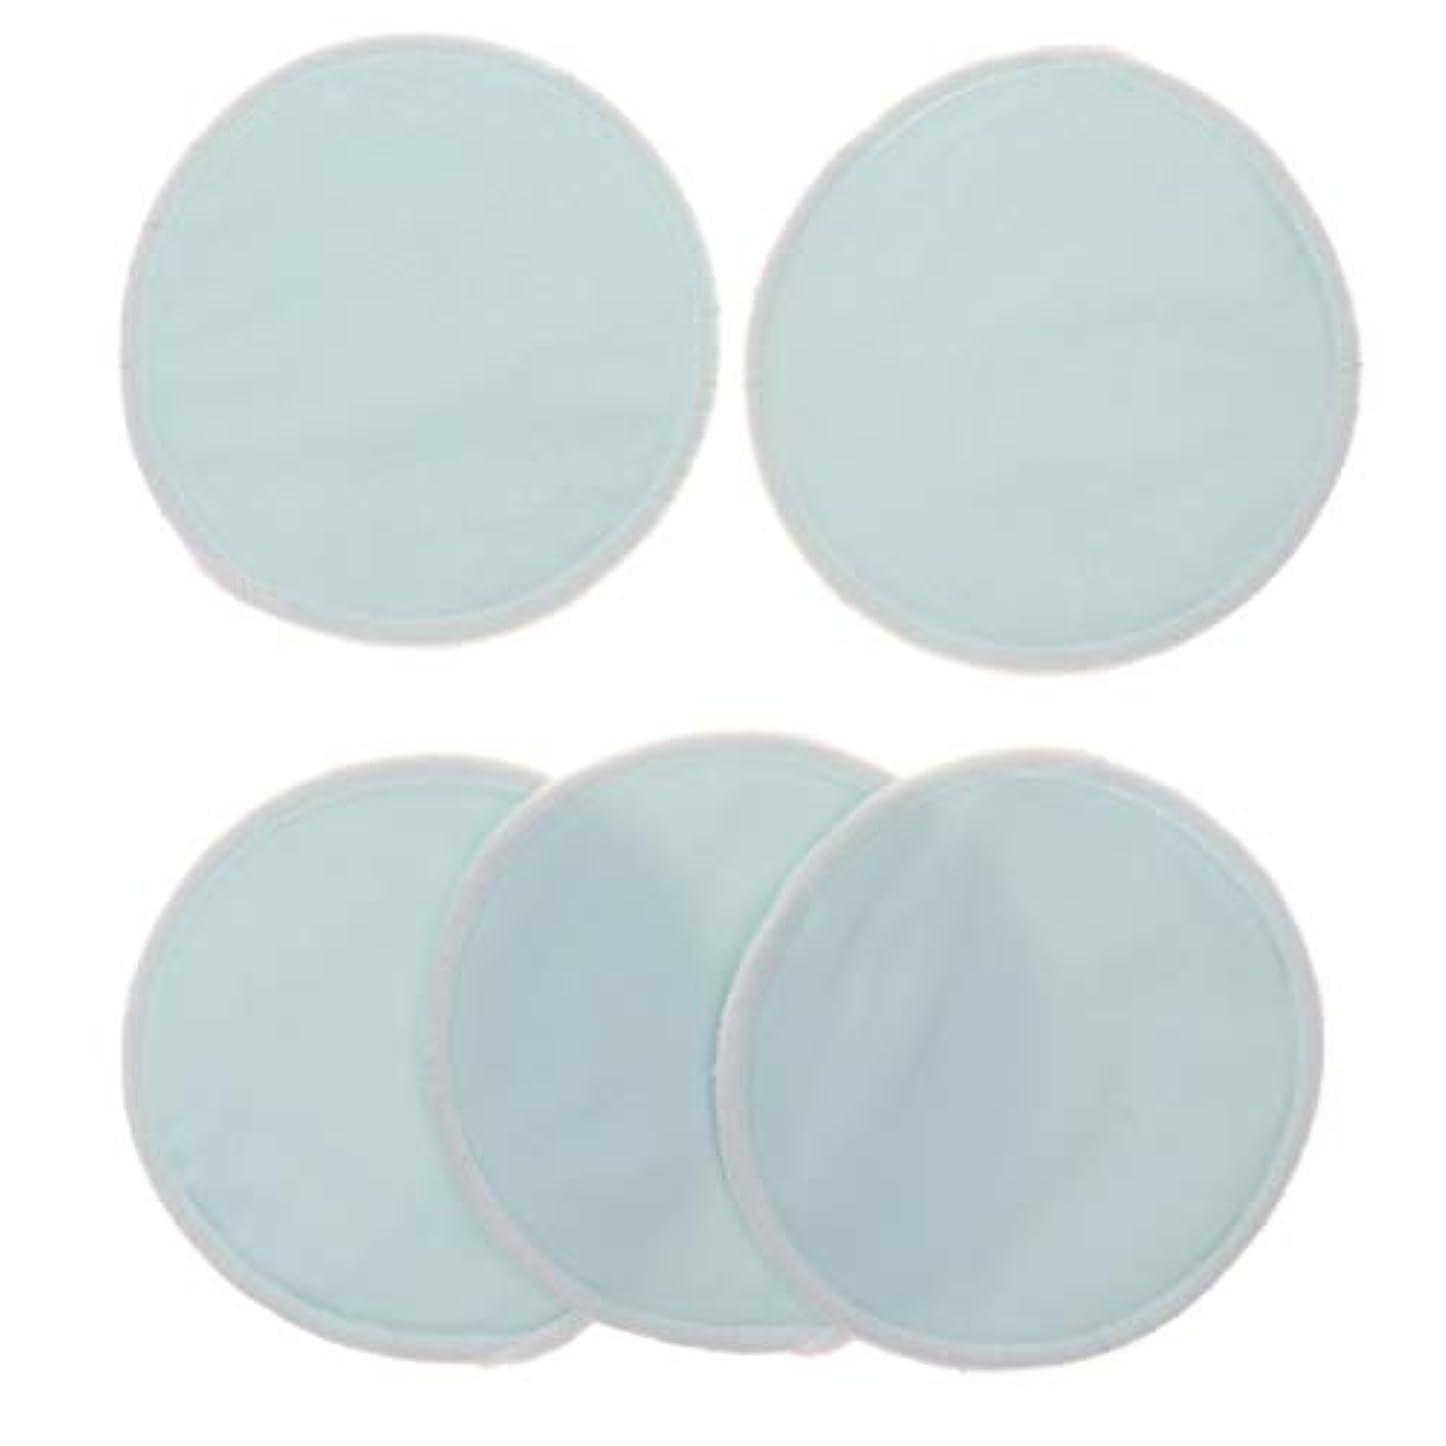 妥協ピラミッド控える5個 クレンジングシート 胸パッド 化粧用 竹繊維 円形 12cm 洗える 再使用可能 耐久性 全5色 - 青